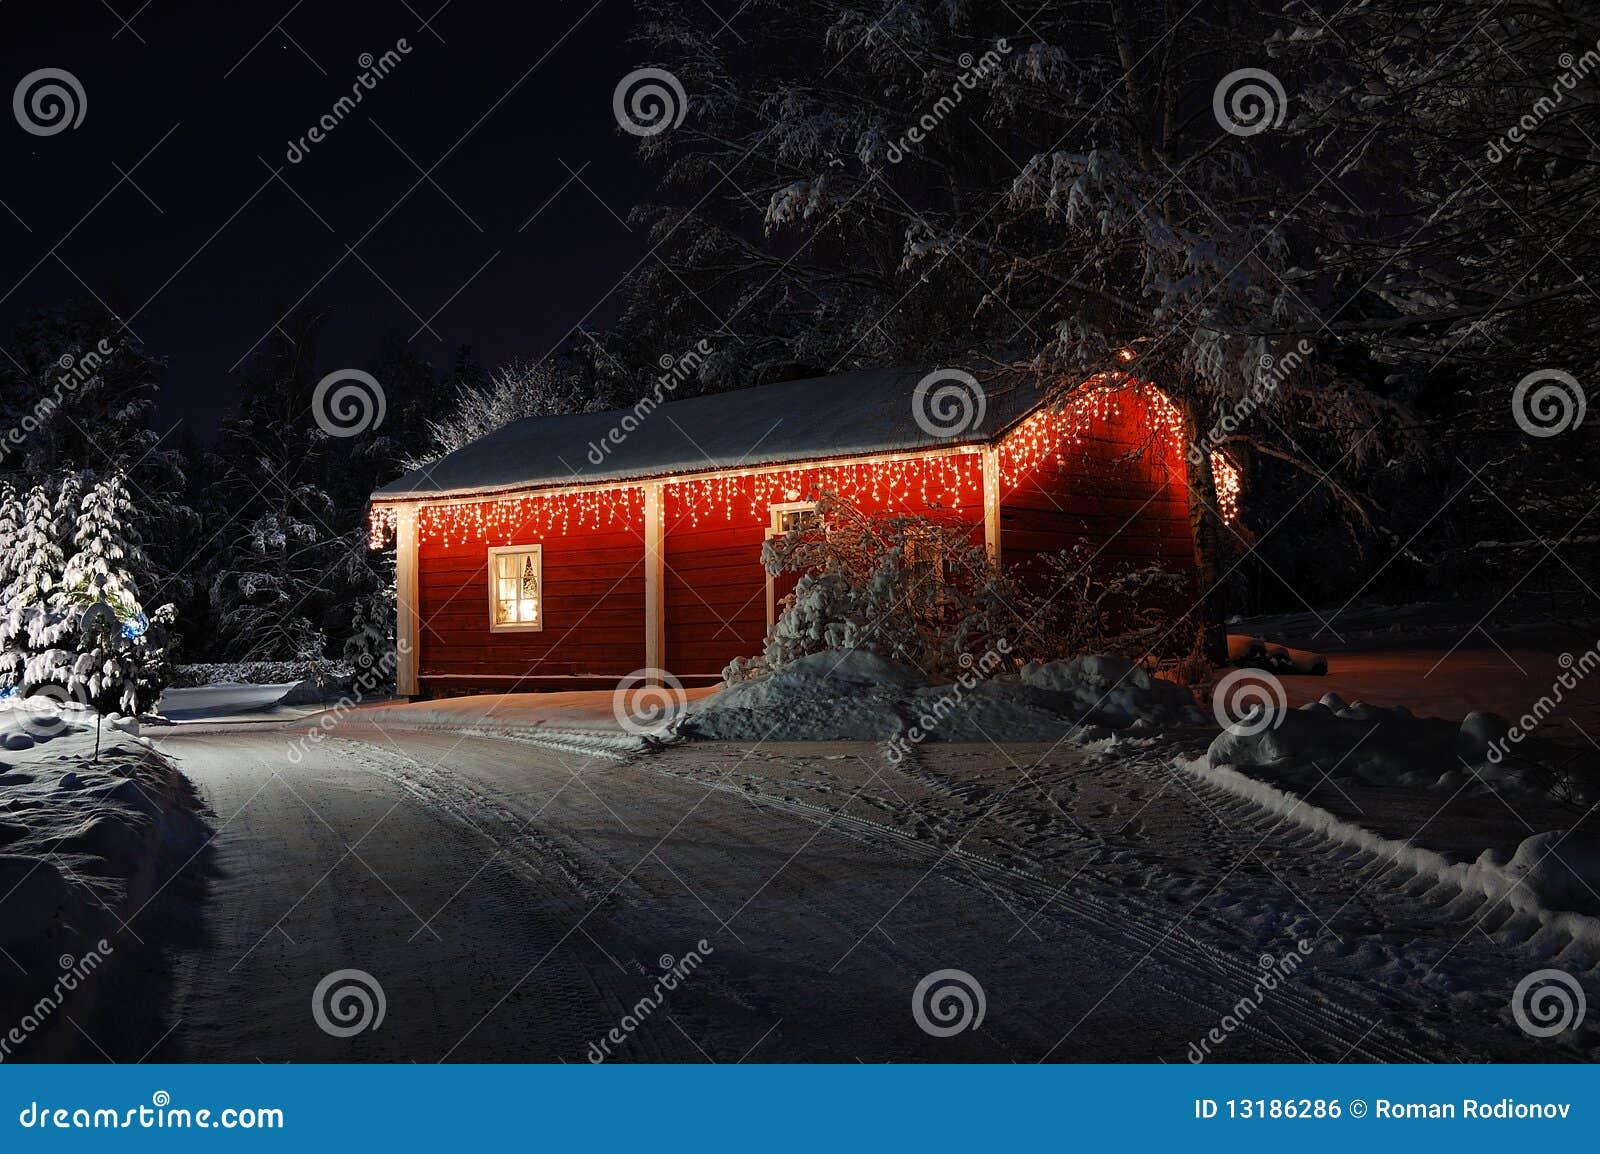 Υπέροχα διακοσμημένο σπίτι Χριστουγέννων